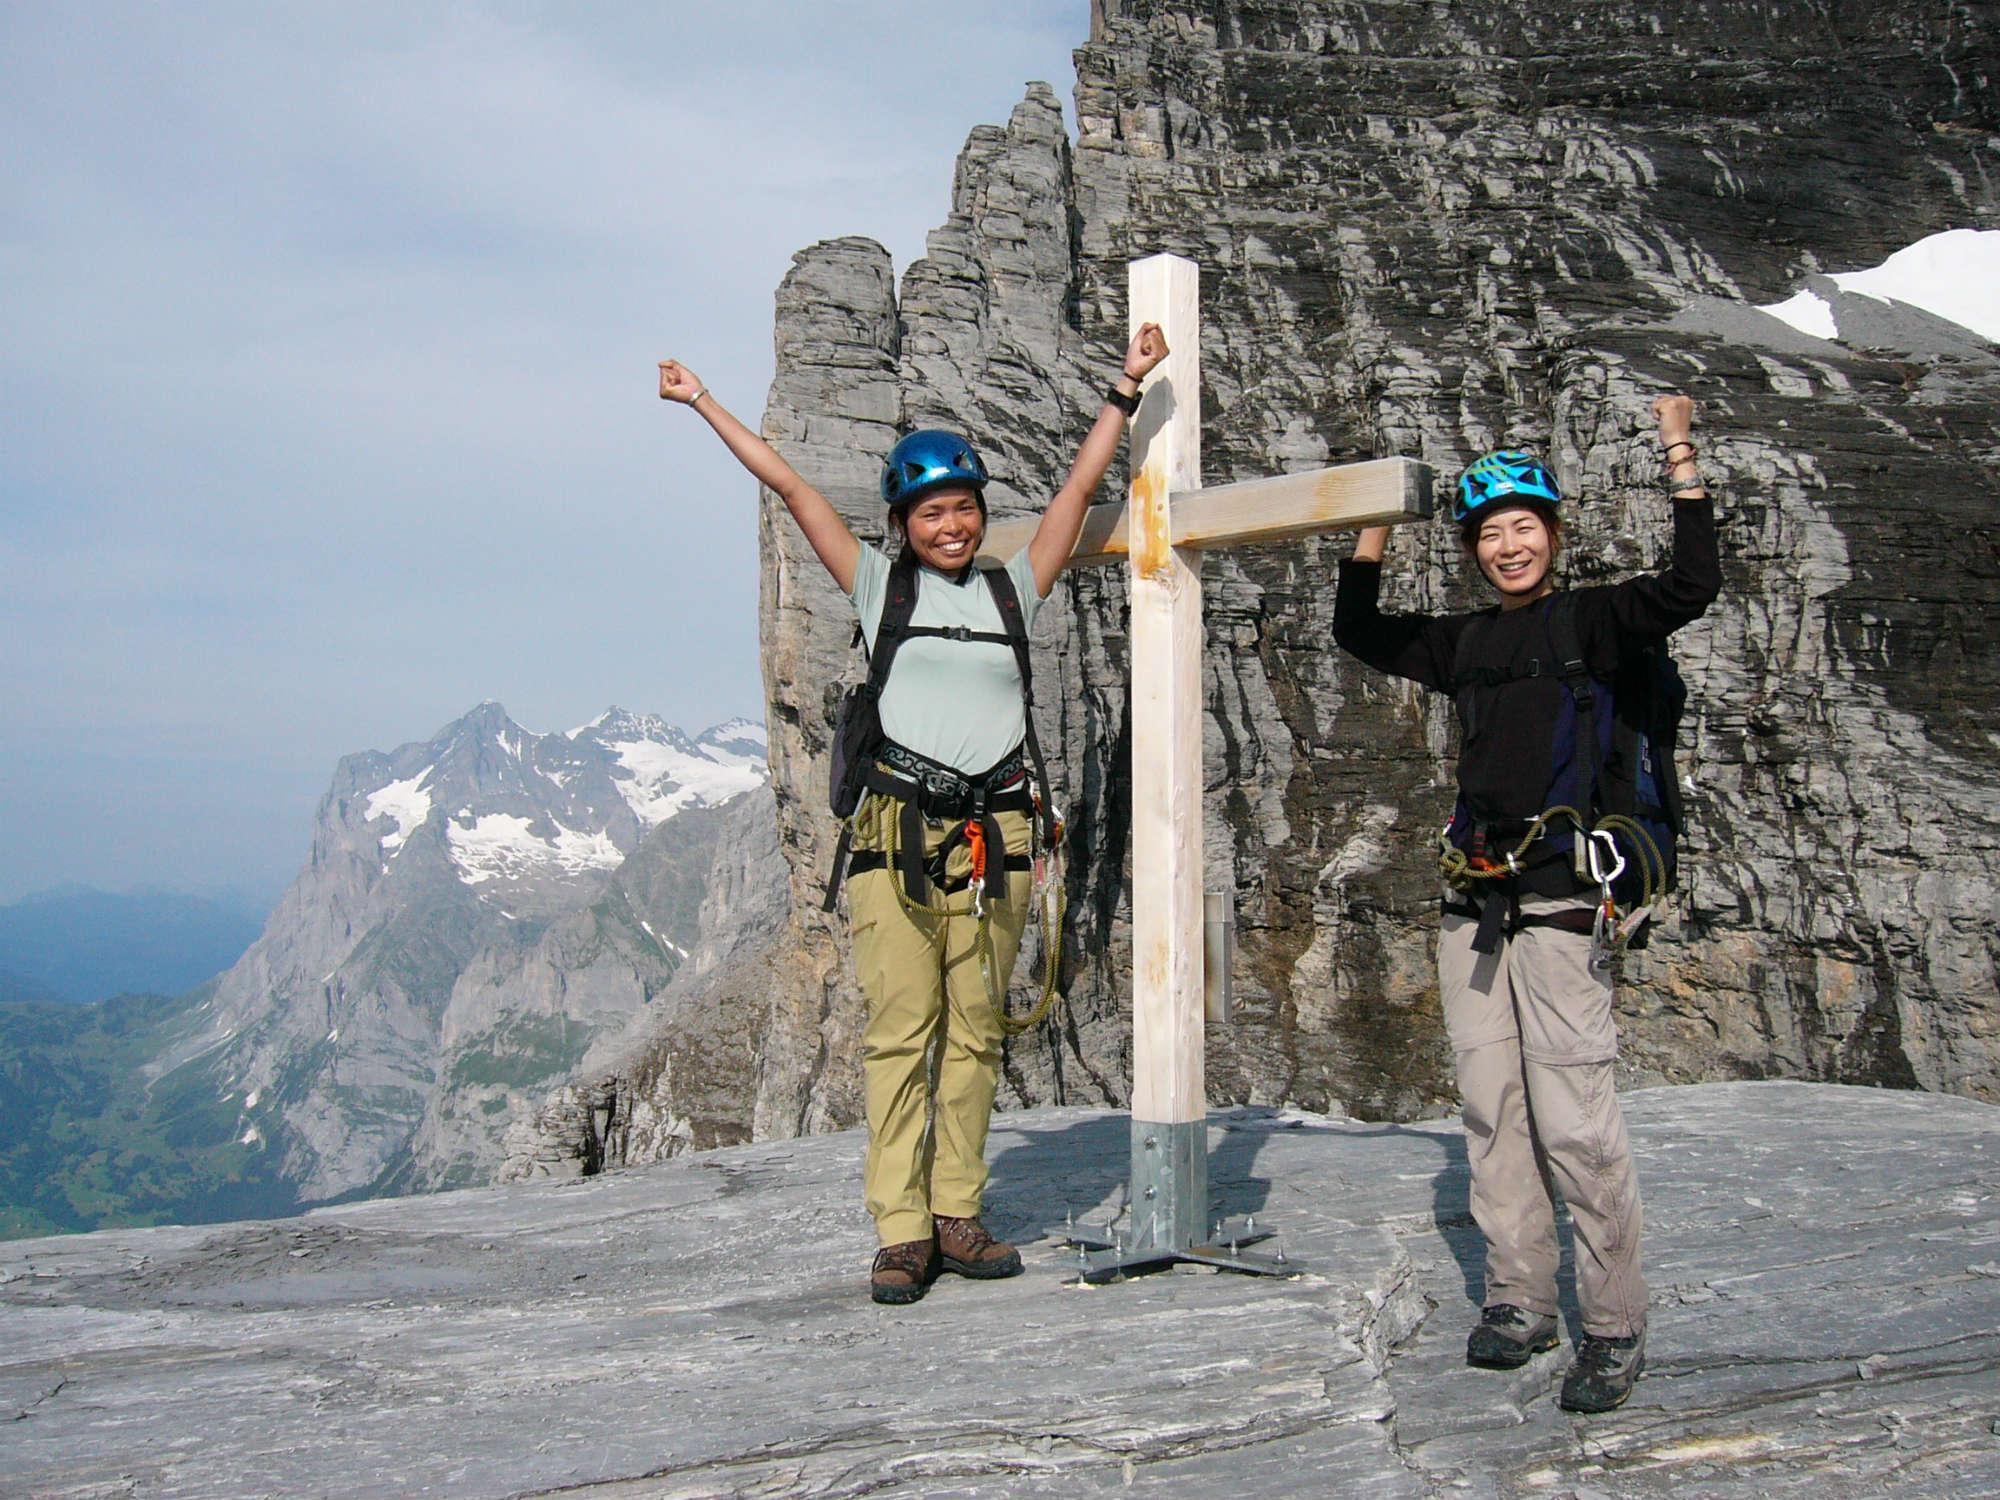 ヴィア・フェラータ スイス・アイガー北壁ルート8日間